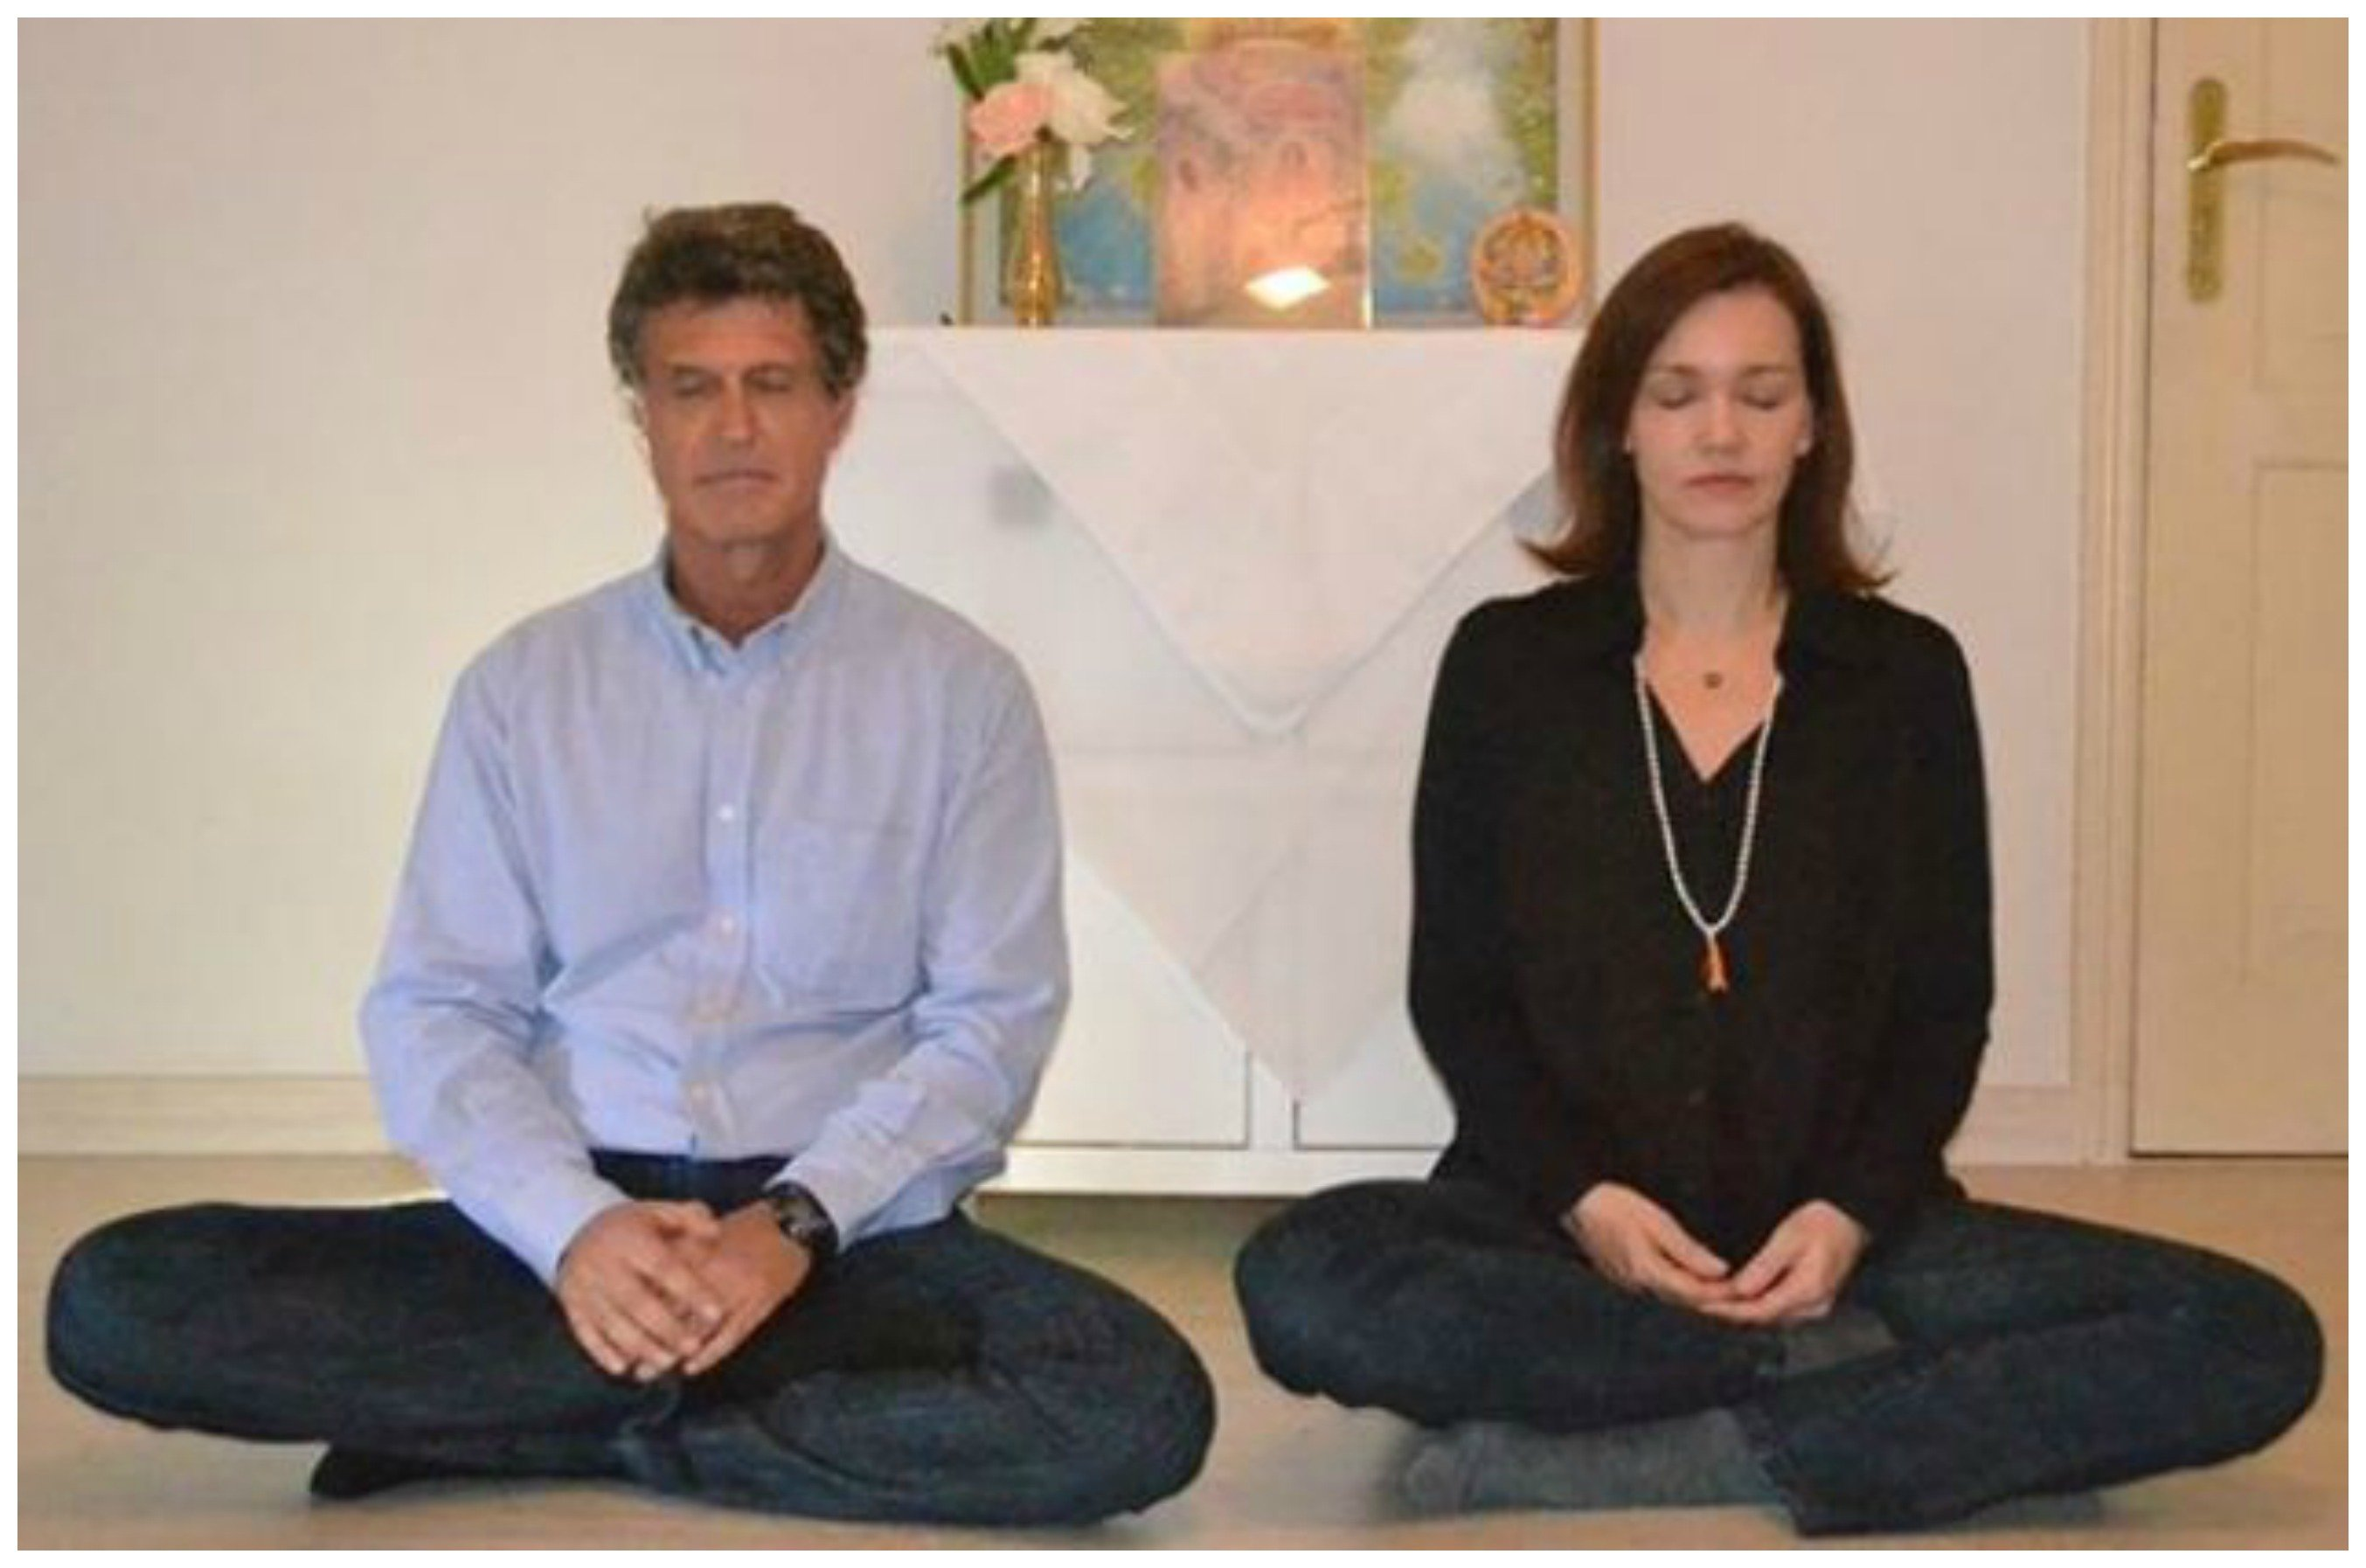 Klebér Tani meditando com uma de suas alunas, a atriz Julia Lemmertz / Foto: divulgação